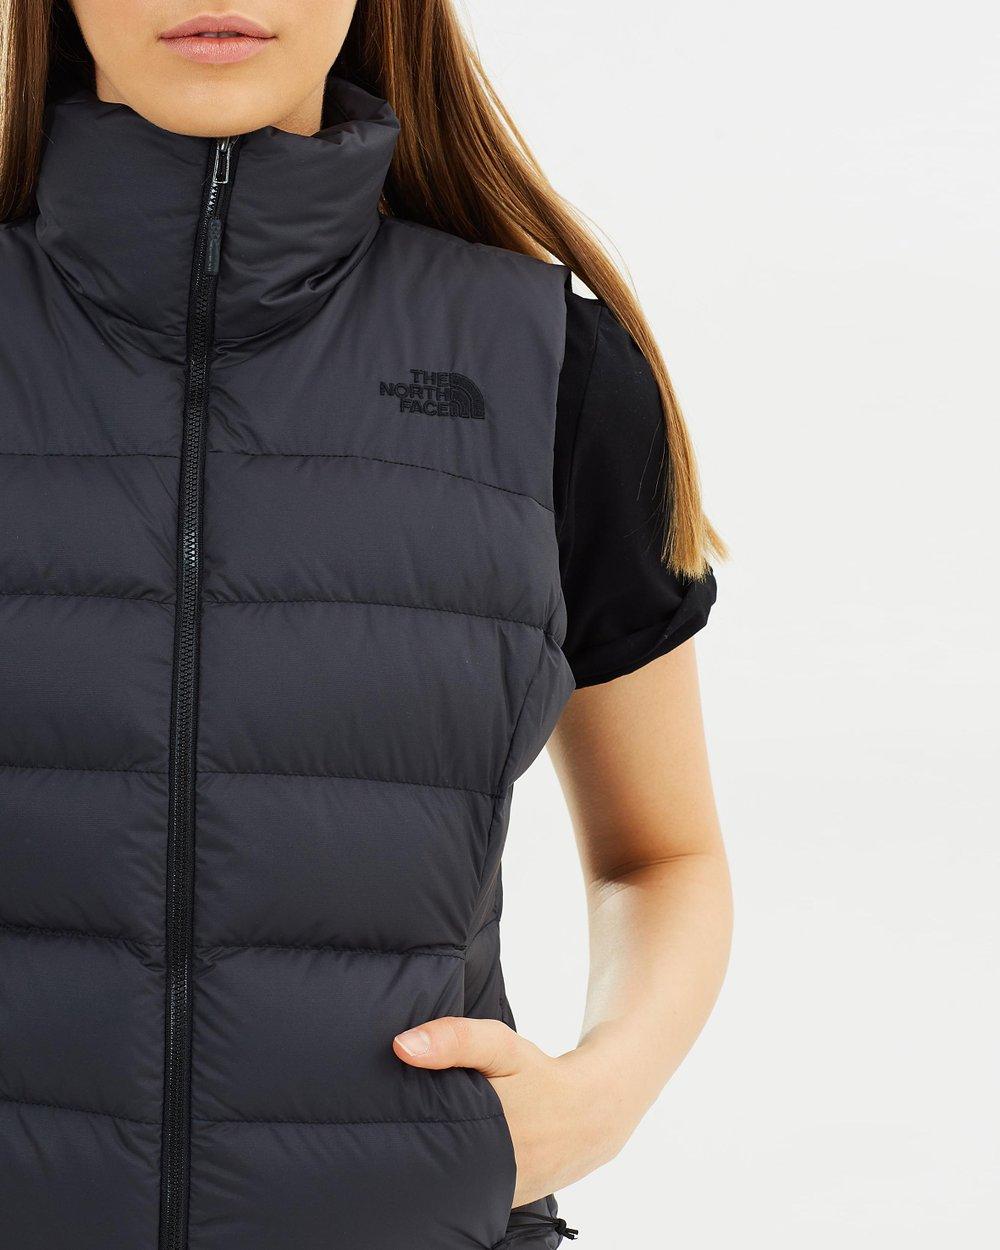 Womens Nuptse Vest by The North Face Online  e2d7c5e32